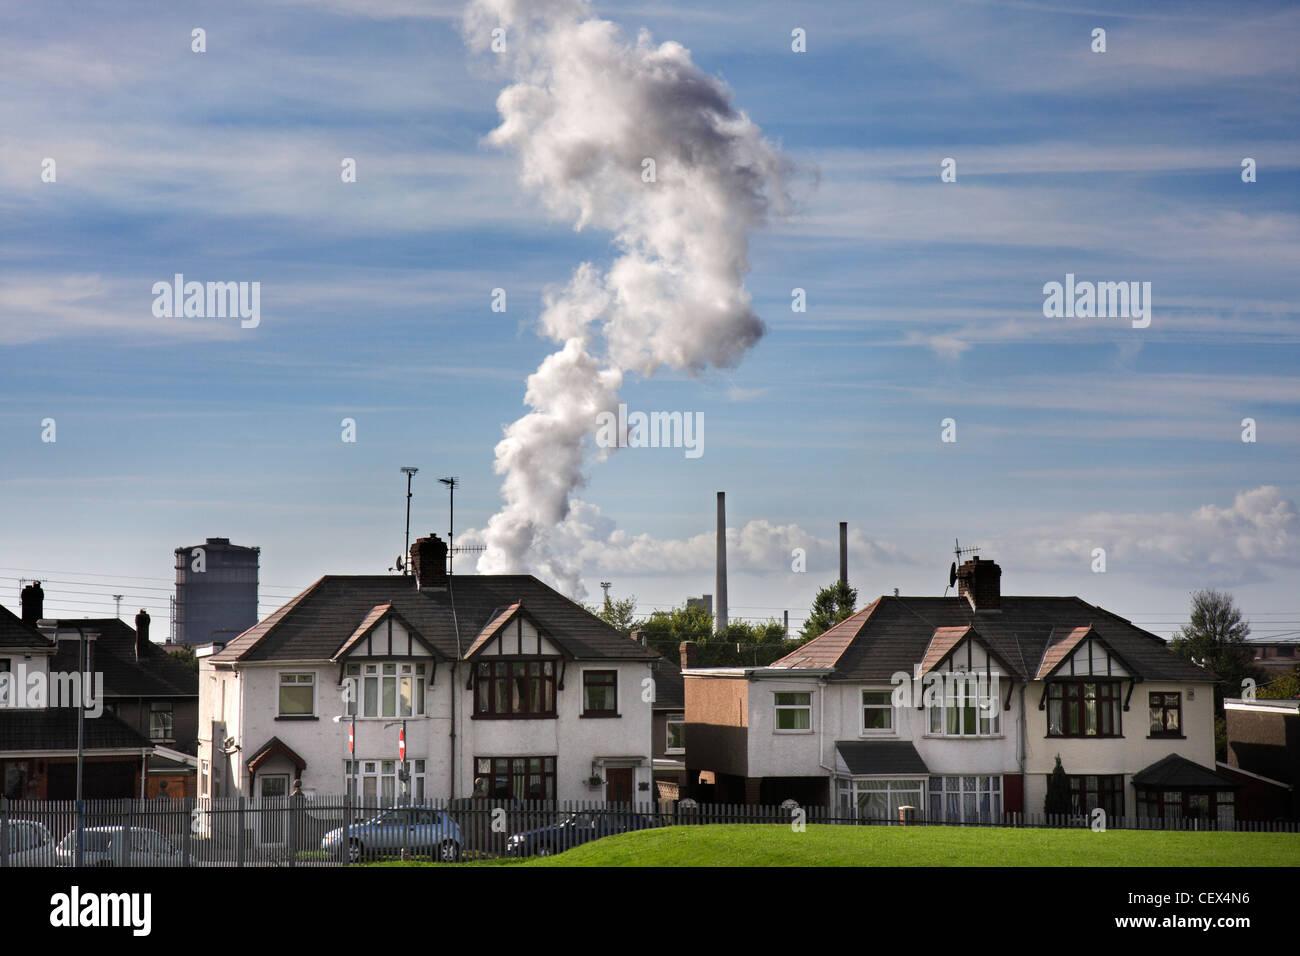 Ein Blick in Richtung Port Talbot Stahl arbeitet in Wales. Stockfoto